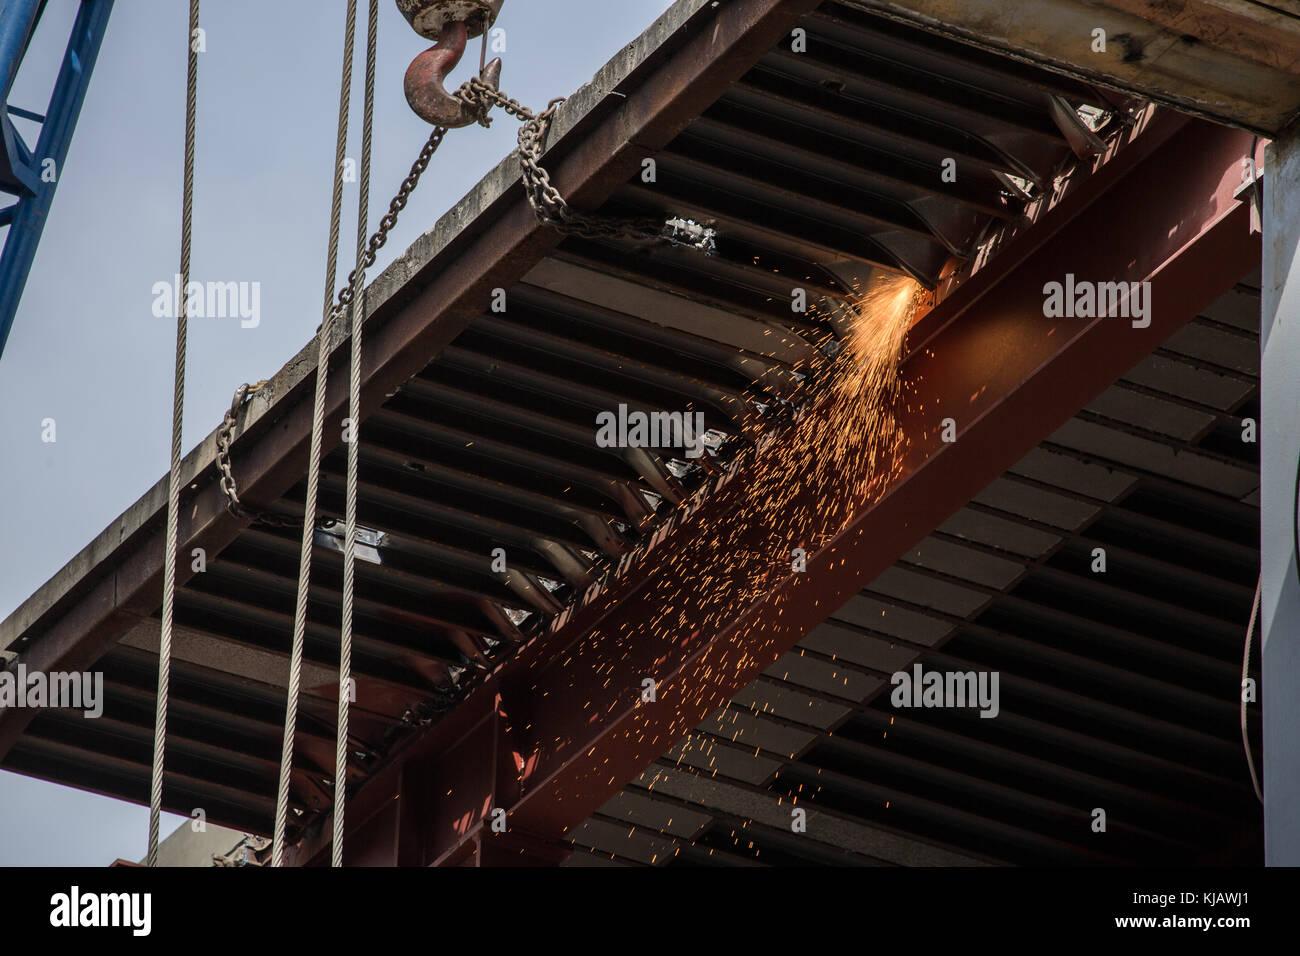 Grinding metal iron at Construction. Cortando metal hierro en construcción. photo by: Roberto Carlos Sánchez - Stock Image